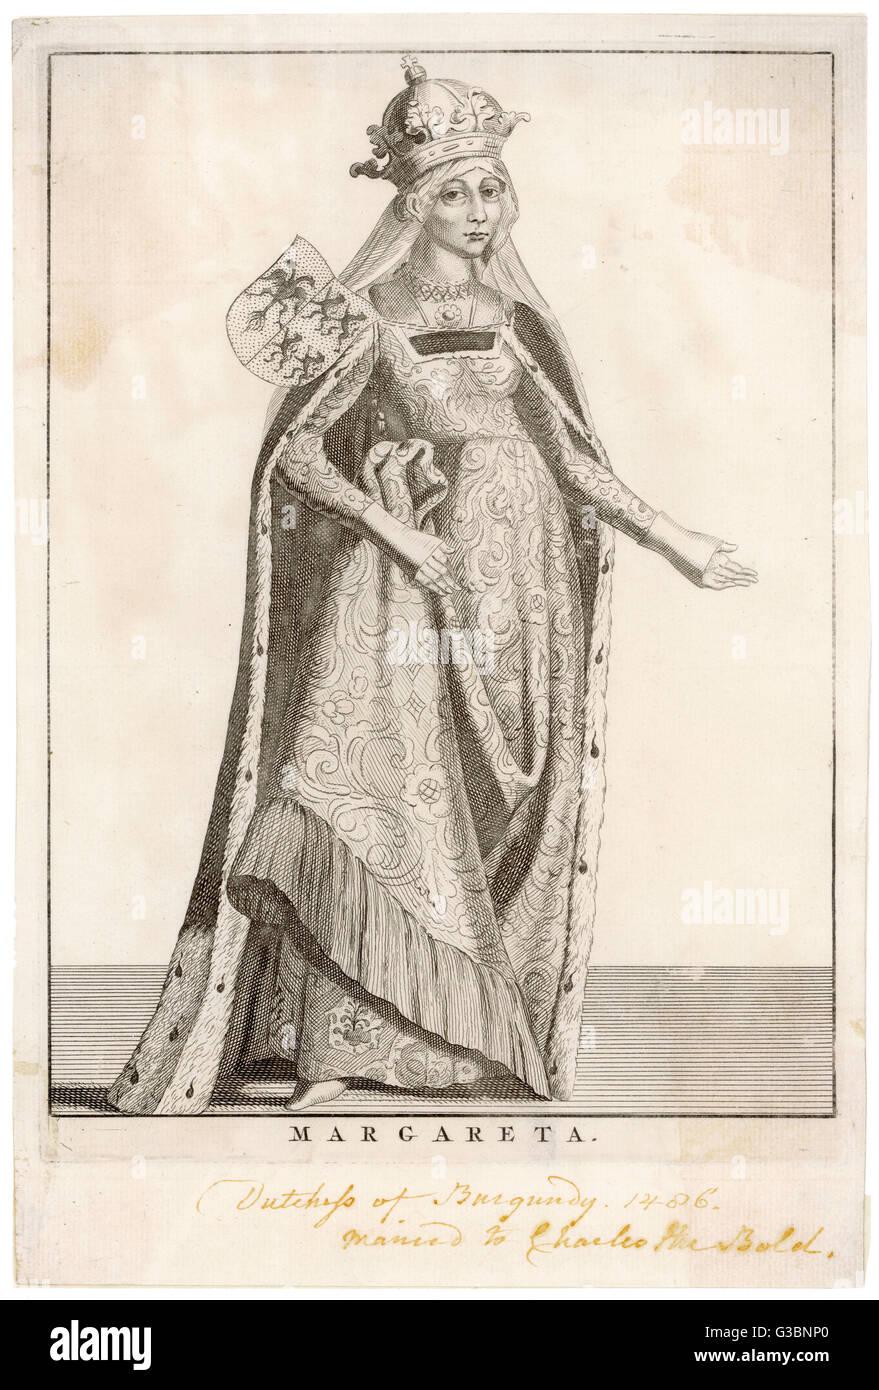 MARGARET OF YORK also known Margaret, duchess of Burgundy